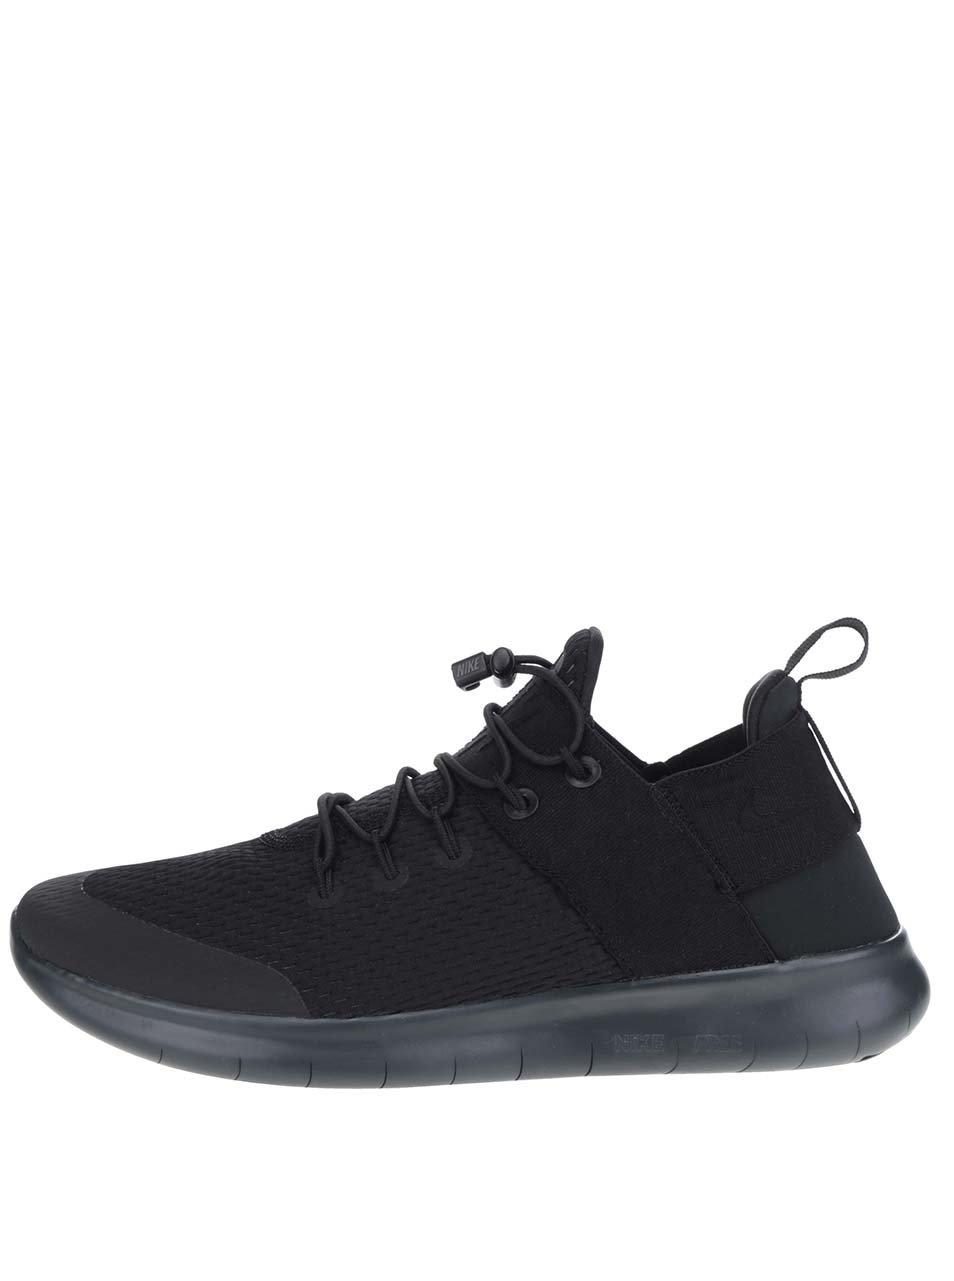 45089dd6c6353 Čierne pánske tenisky Nike Free Commuter | ZOOT.sk